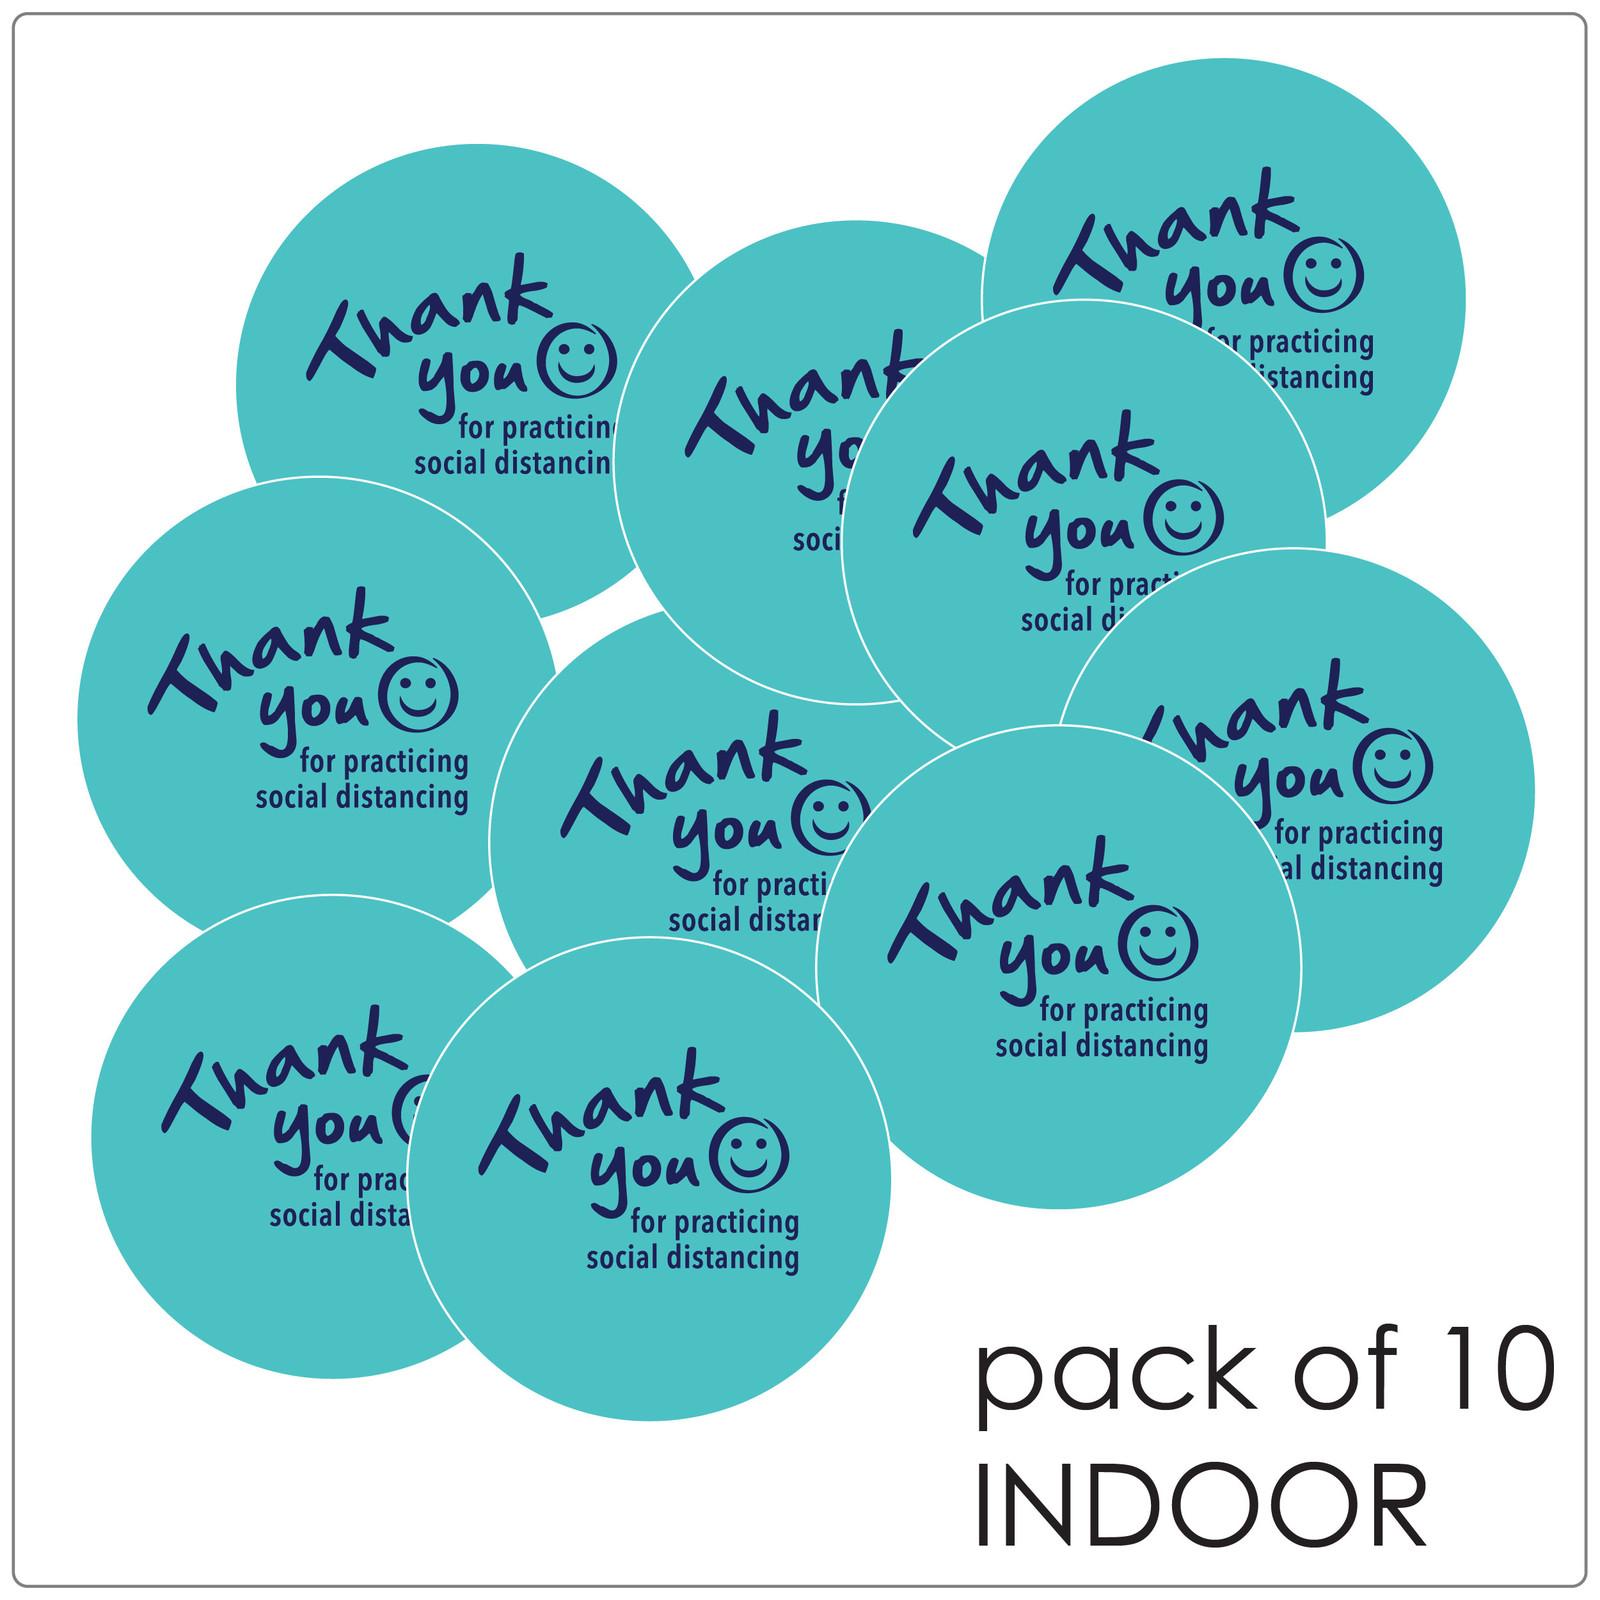 social distancing floor sticker for hard floors, pack of 10. teal Self-adhesive Corona virus floor sticker to help social distancing.